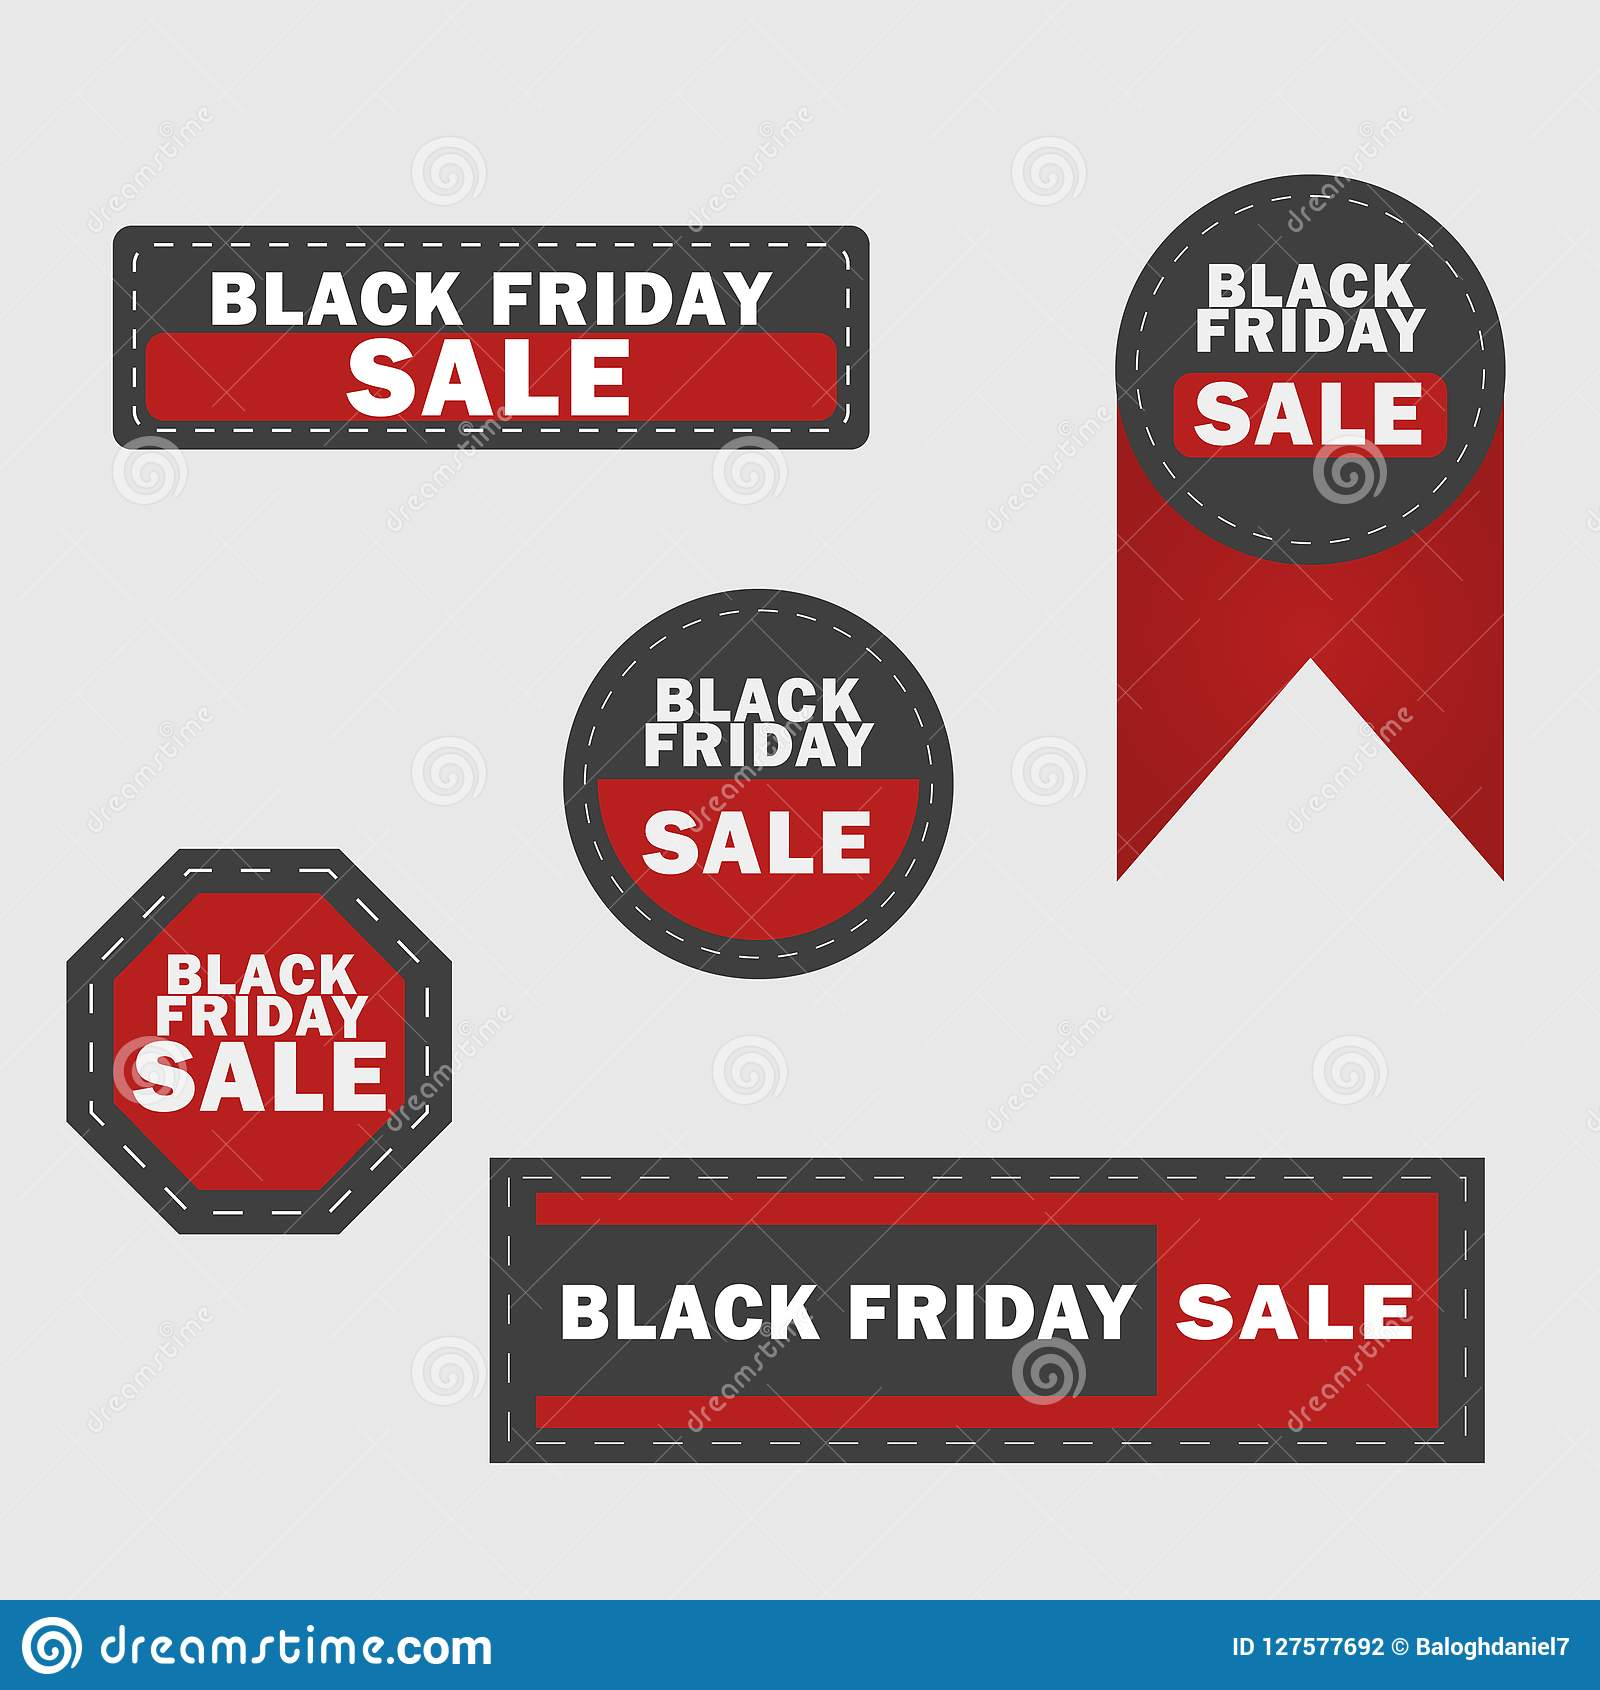 Black Friday sale design elements. Black Friday sale inscription labels, stickers. Vector illustration.